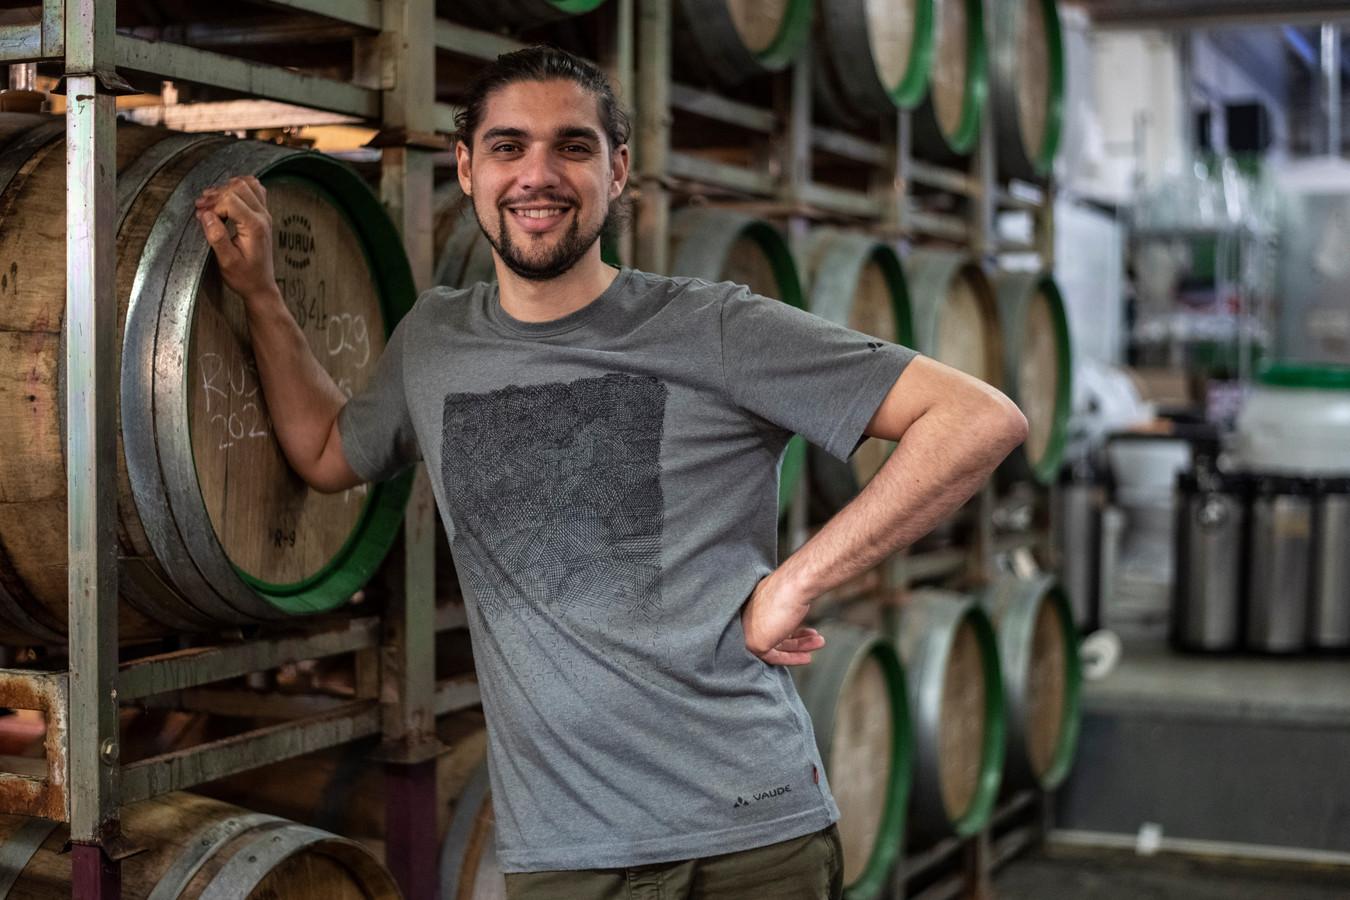 Mattias Terpstra, eigenaar van brouwerij Nevel, bij de houten vaten waarin de bieren liggen te rijpen.